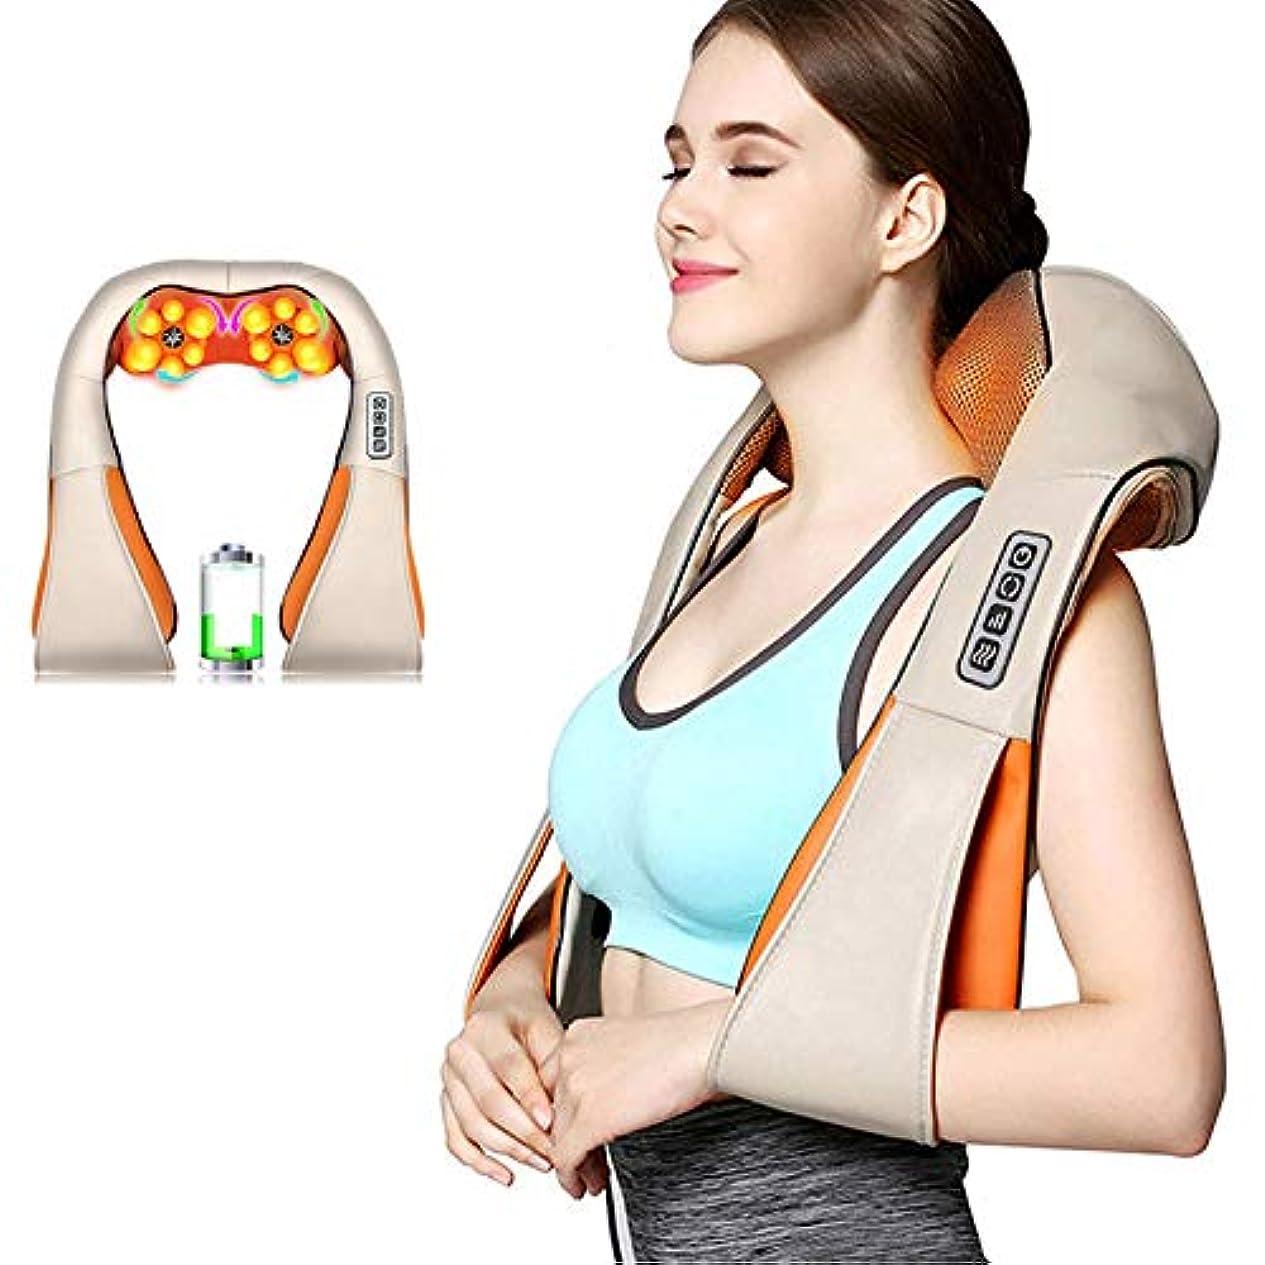 抜け目のないパレード貧しい指圧肩マッサージャー電動背中マッサージ、首、背中、肩、足、足、体の筋肉の痛みの緩和